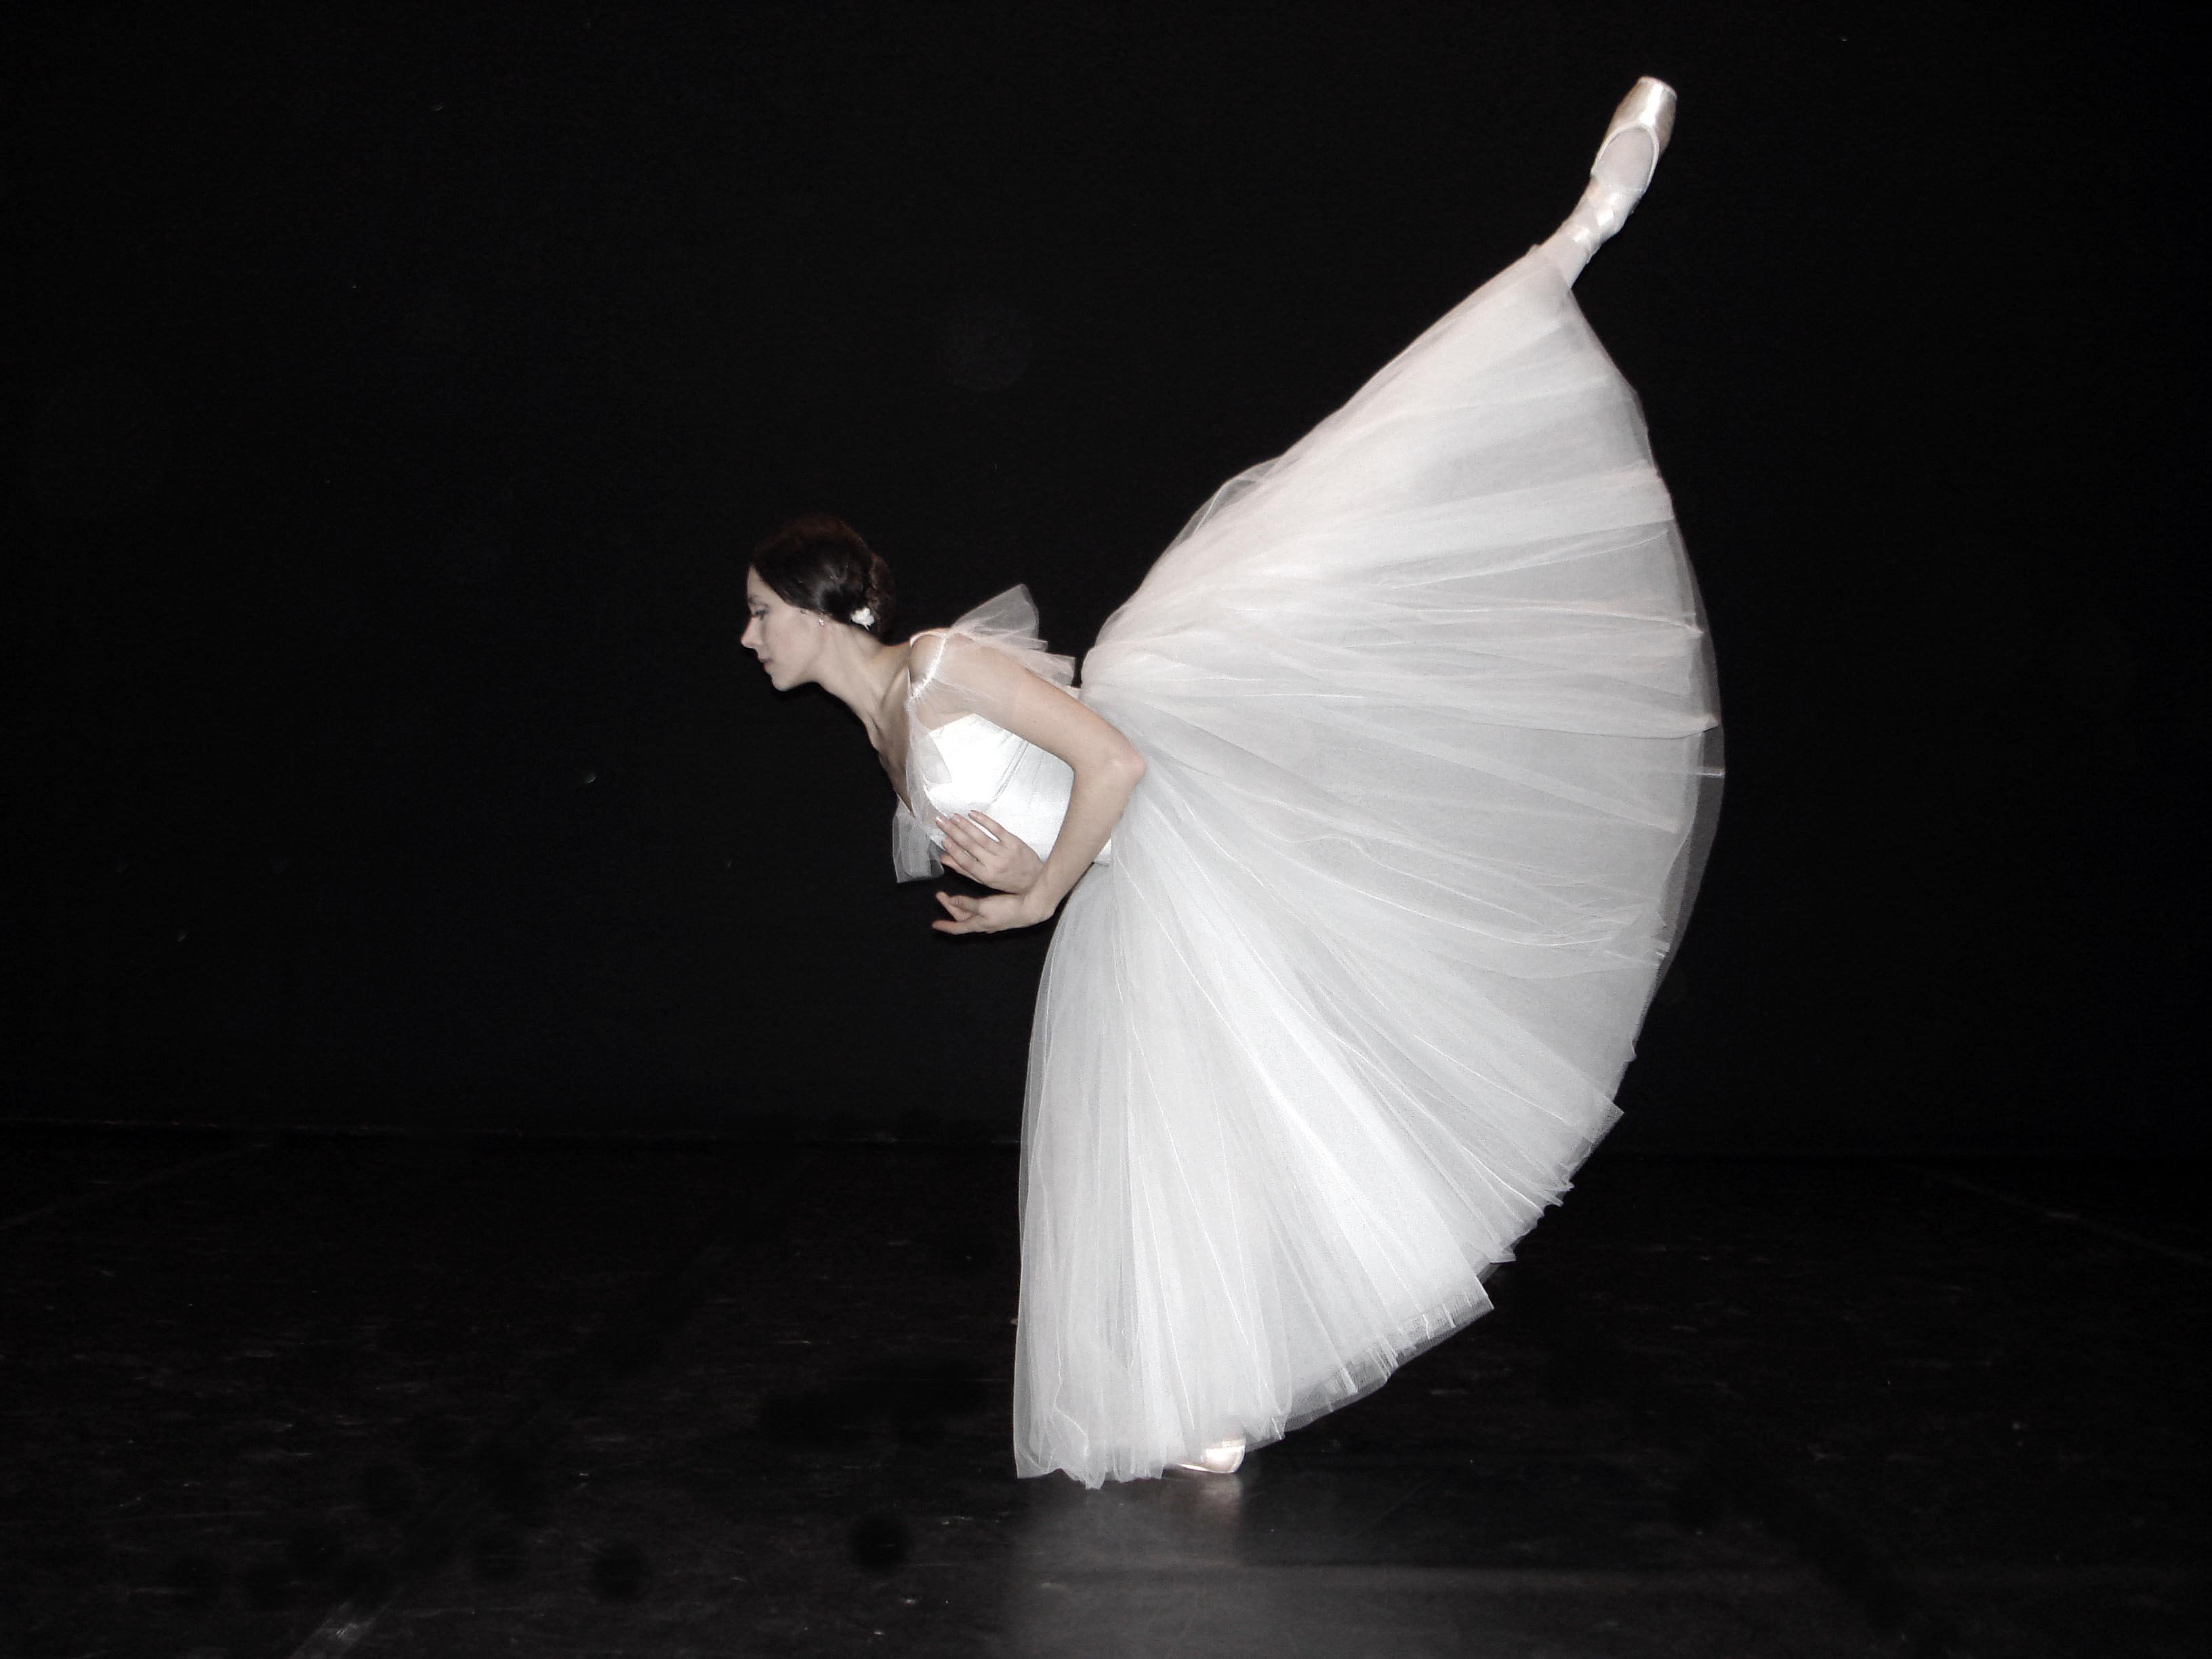 dancer in arabesque in Giselle